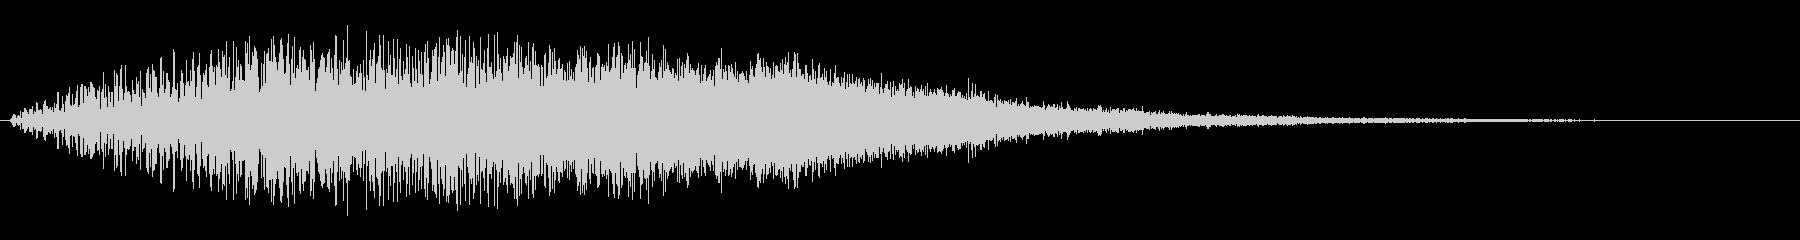 ガラガラワンワン(場面を変える展開音)の未再生の波形